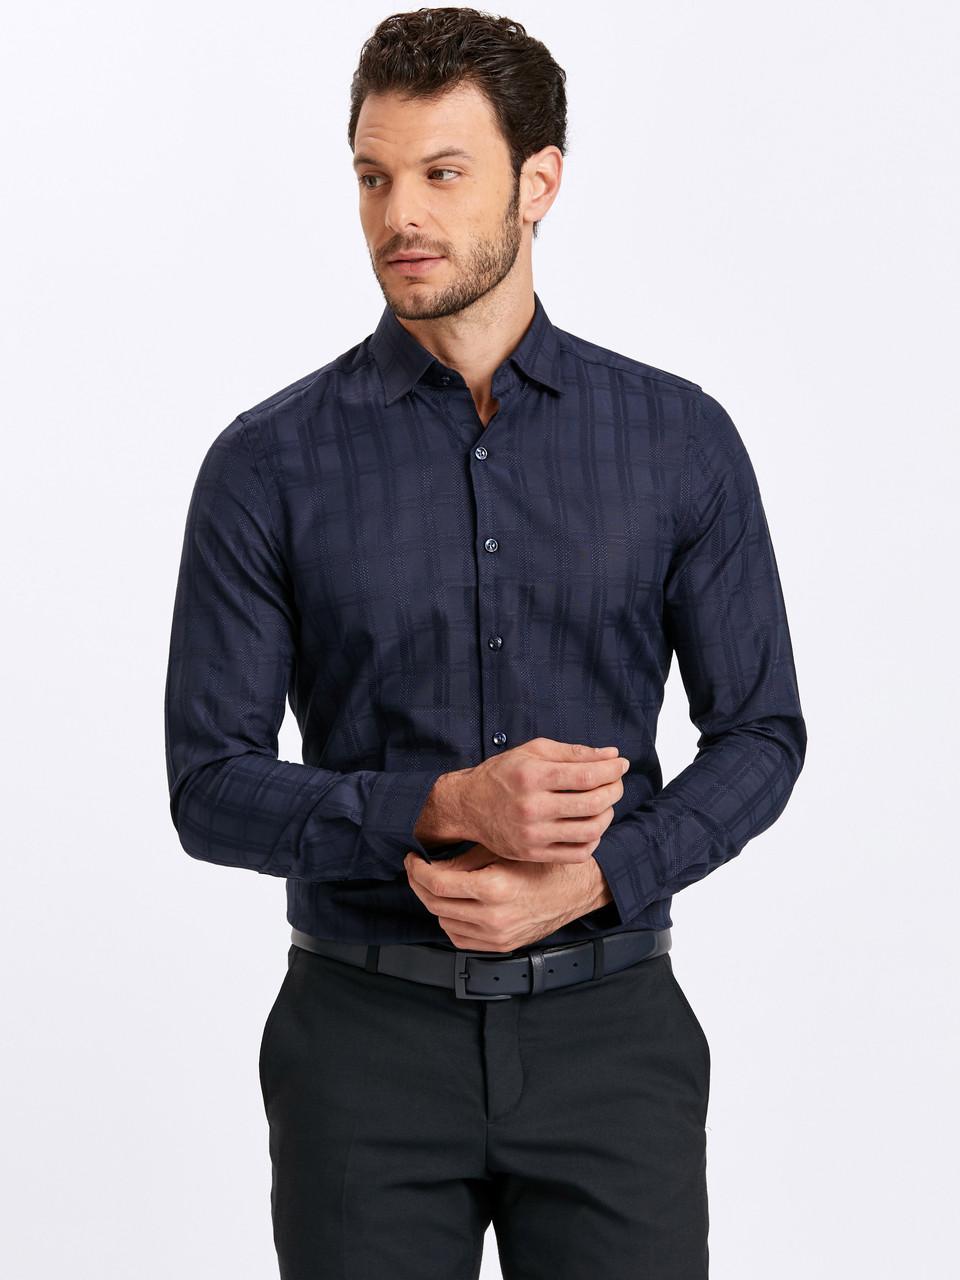 Синяя мужская рубашка LC Waikiki / ЛС Вайкики в атласную клетку